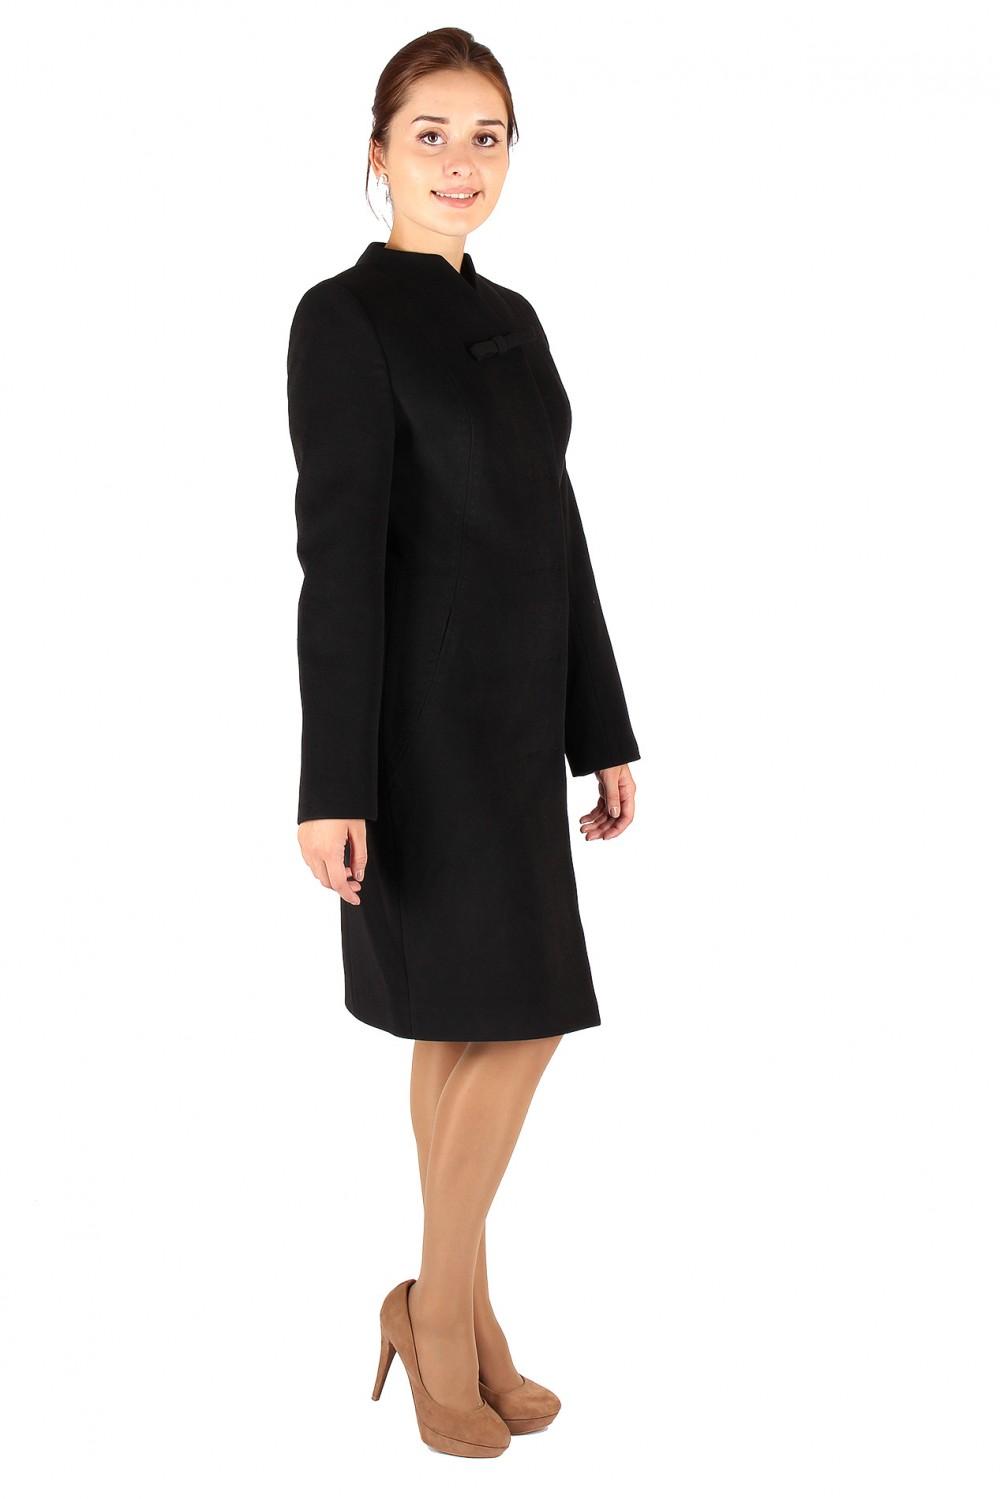 Купить оптом Пальто женское черного цвета 391Ch в Омске